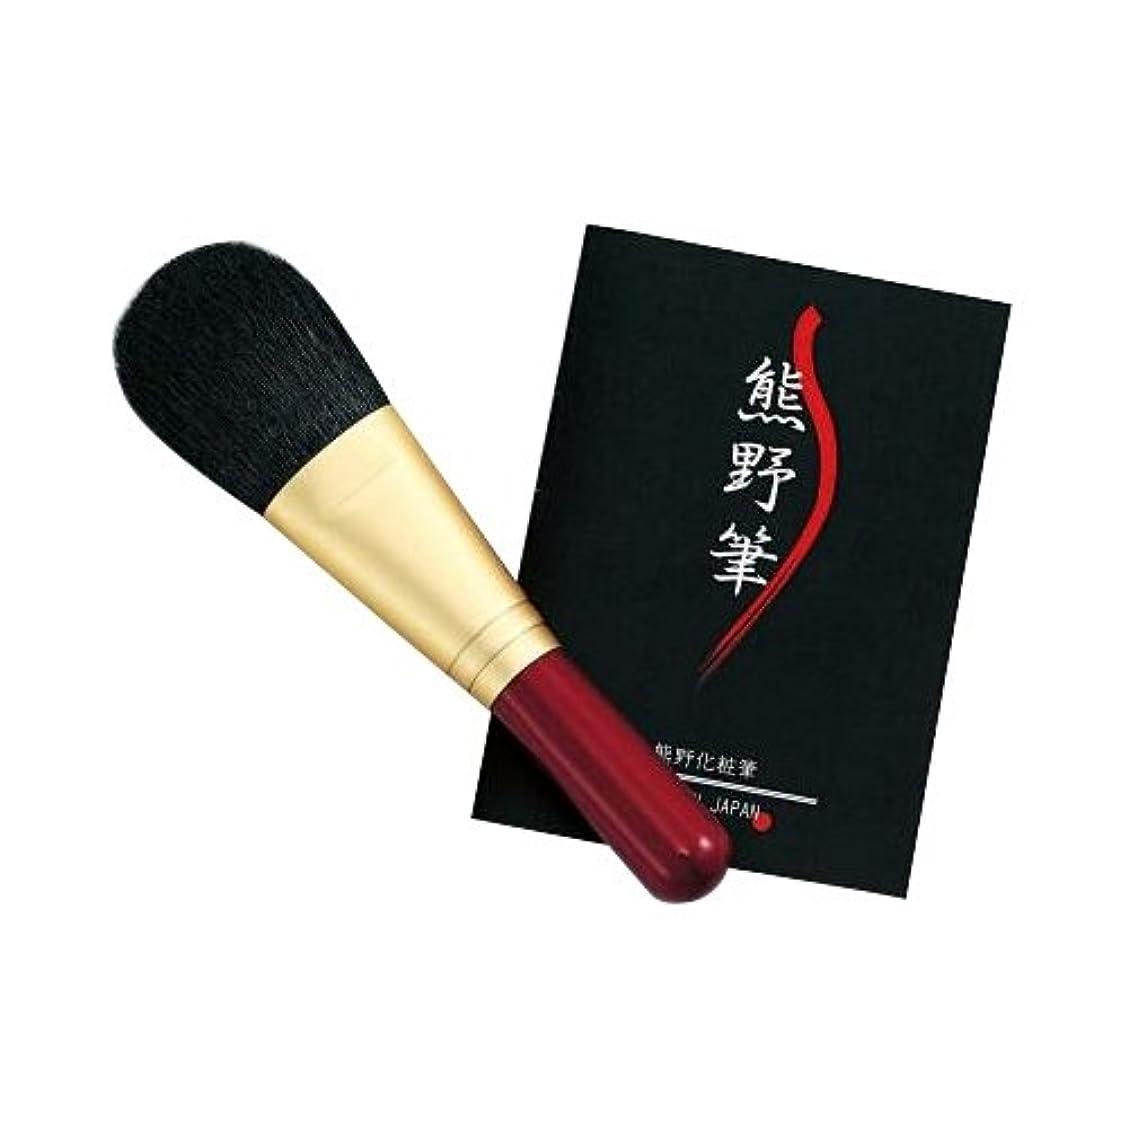 競争力のあるアクセスできない手順ゼニス 熊野化粧筆 筆の心 フェイスブラシ(ショート)